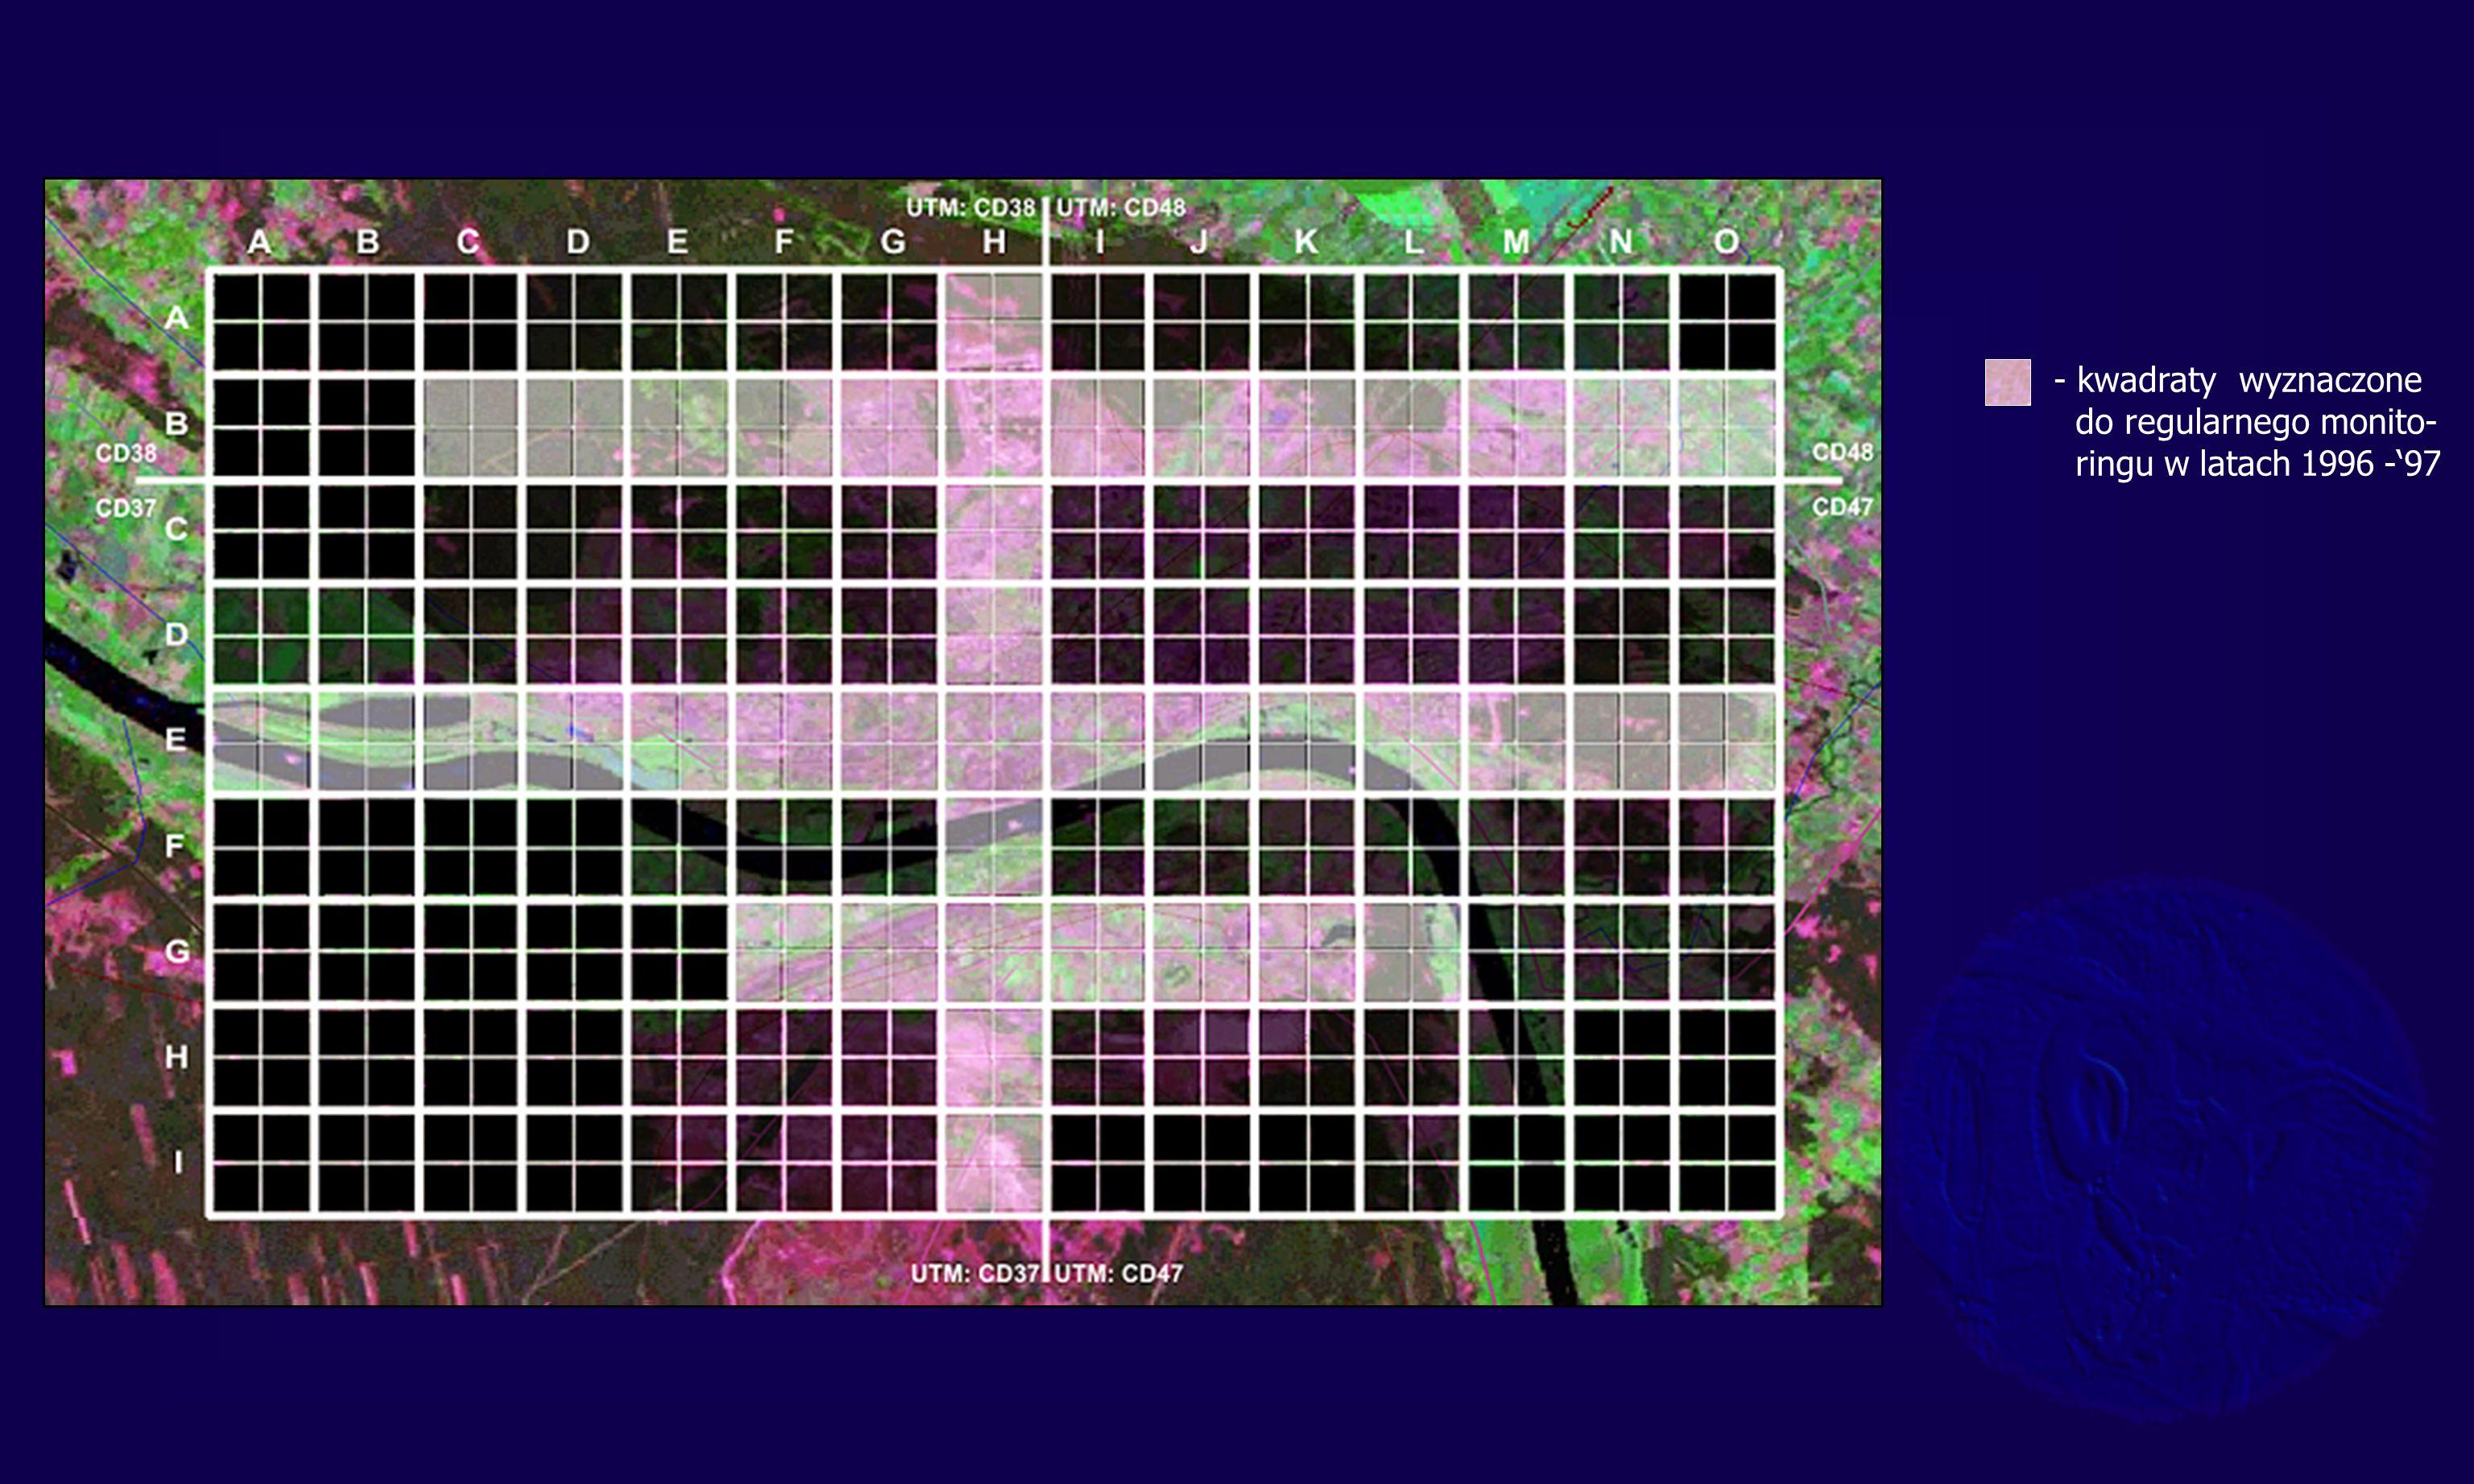 - kwadraty wyznaczone do regularnego monito- ringu w latach 1996 -97